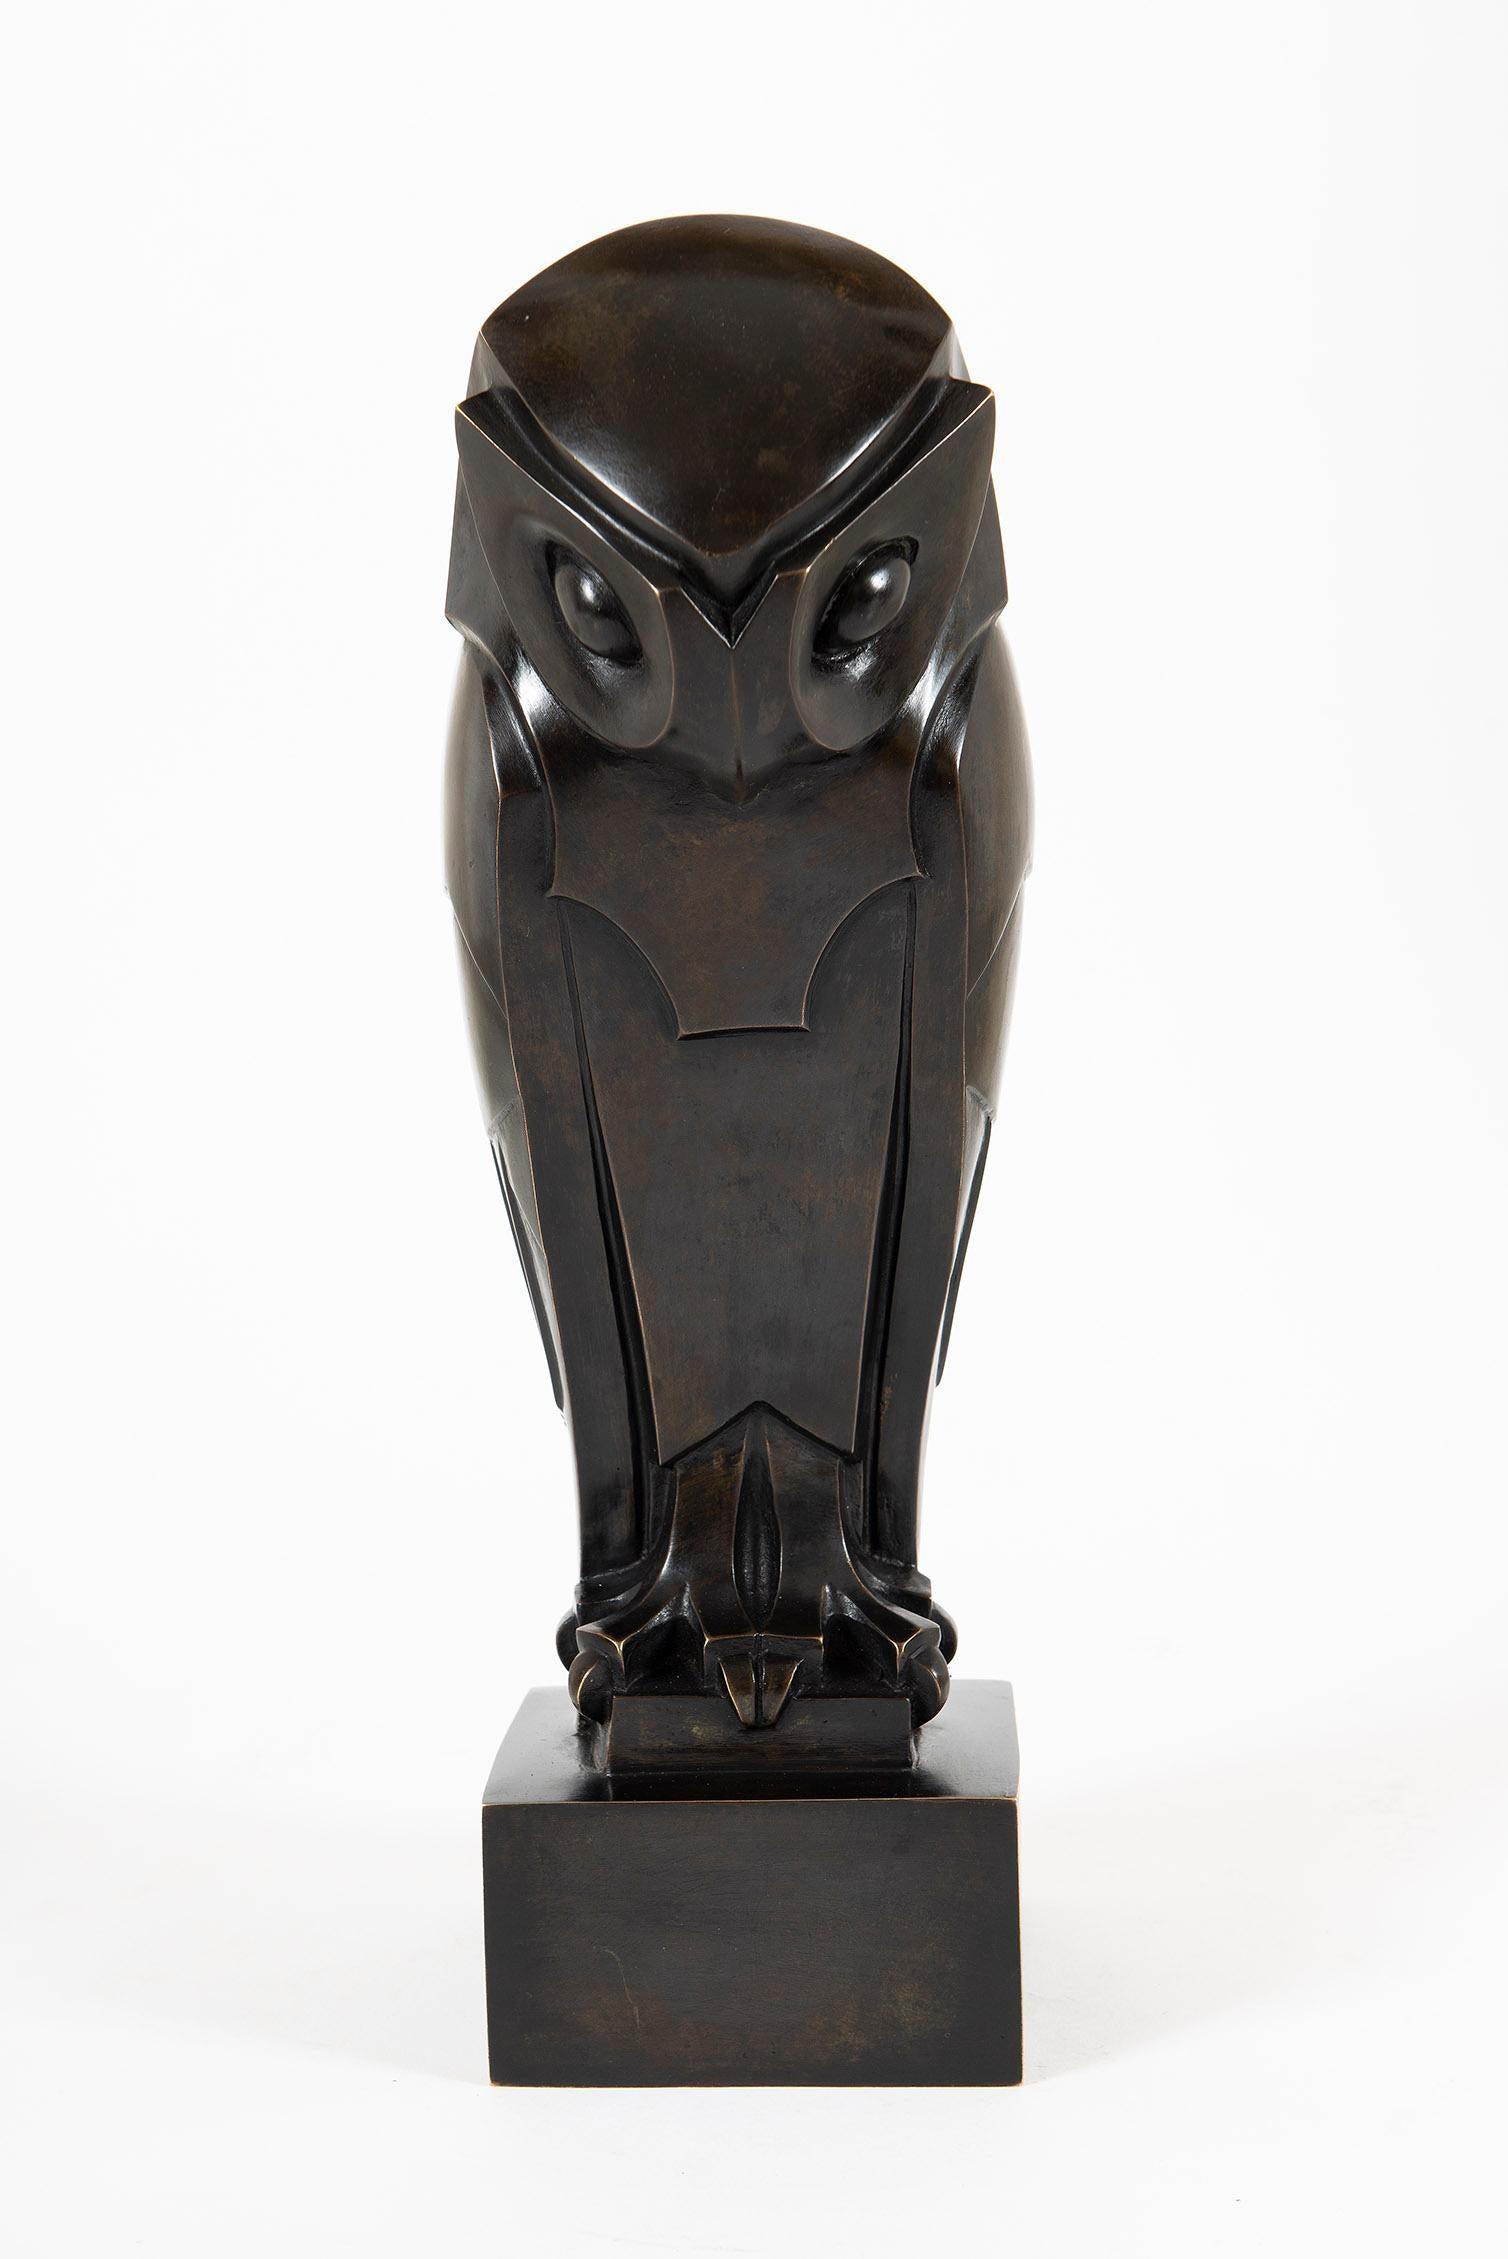 Hibou, Owl, Sculpture, Art Deco, Sculpture, Modern Art, Bronze, Animal, Cast